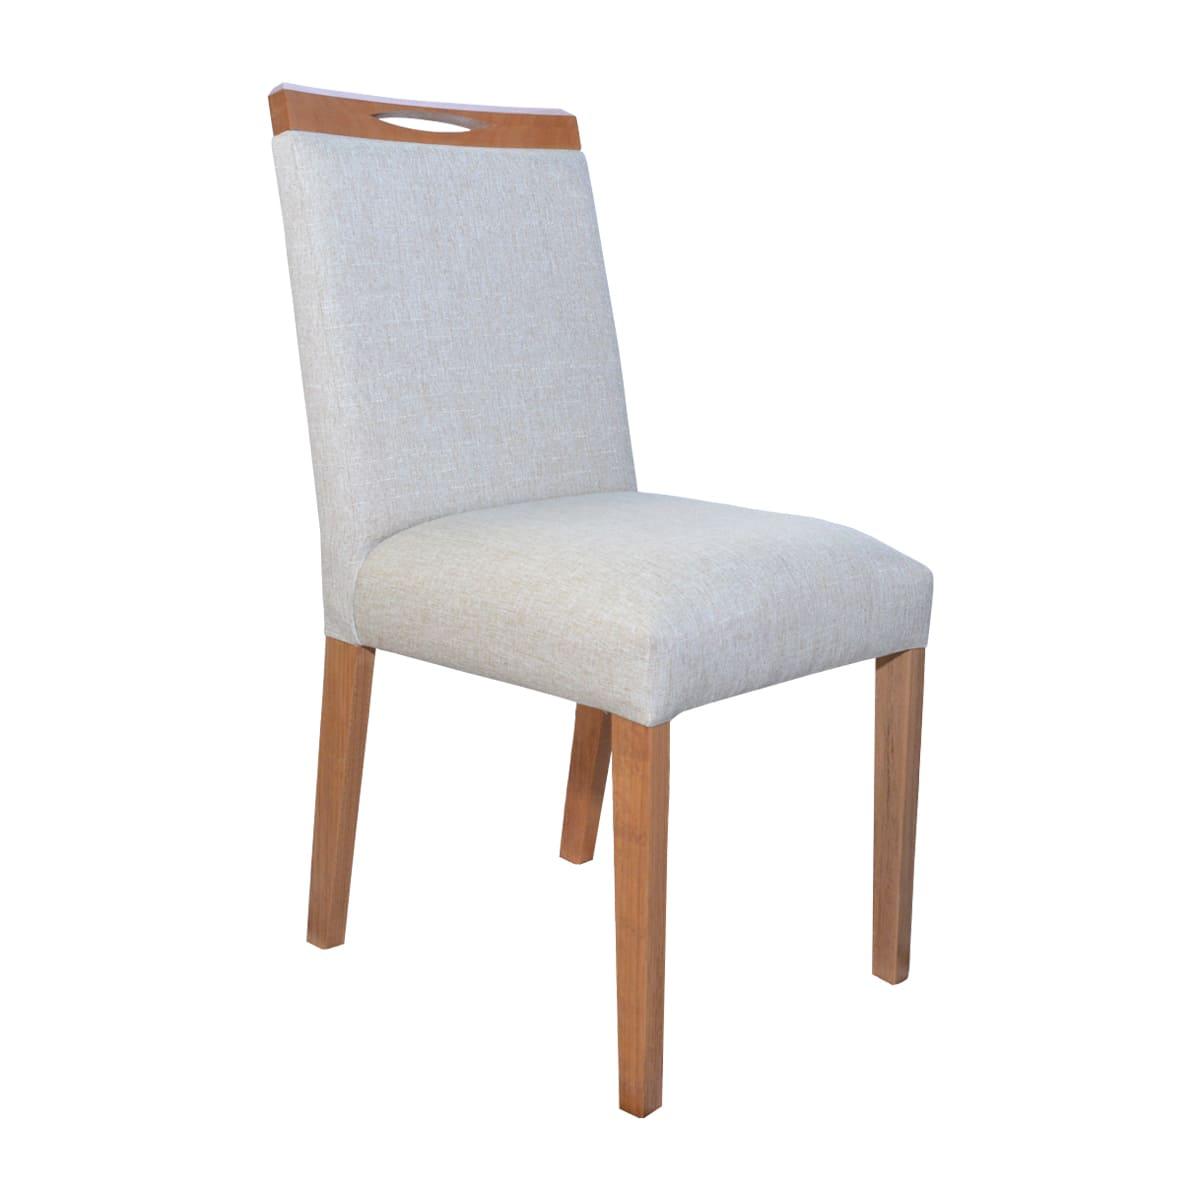 Mesa De Jantar Vitória 120x80 Com 04 Cadeiras Lara Linhão Bege